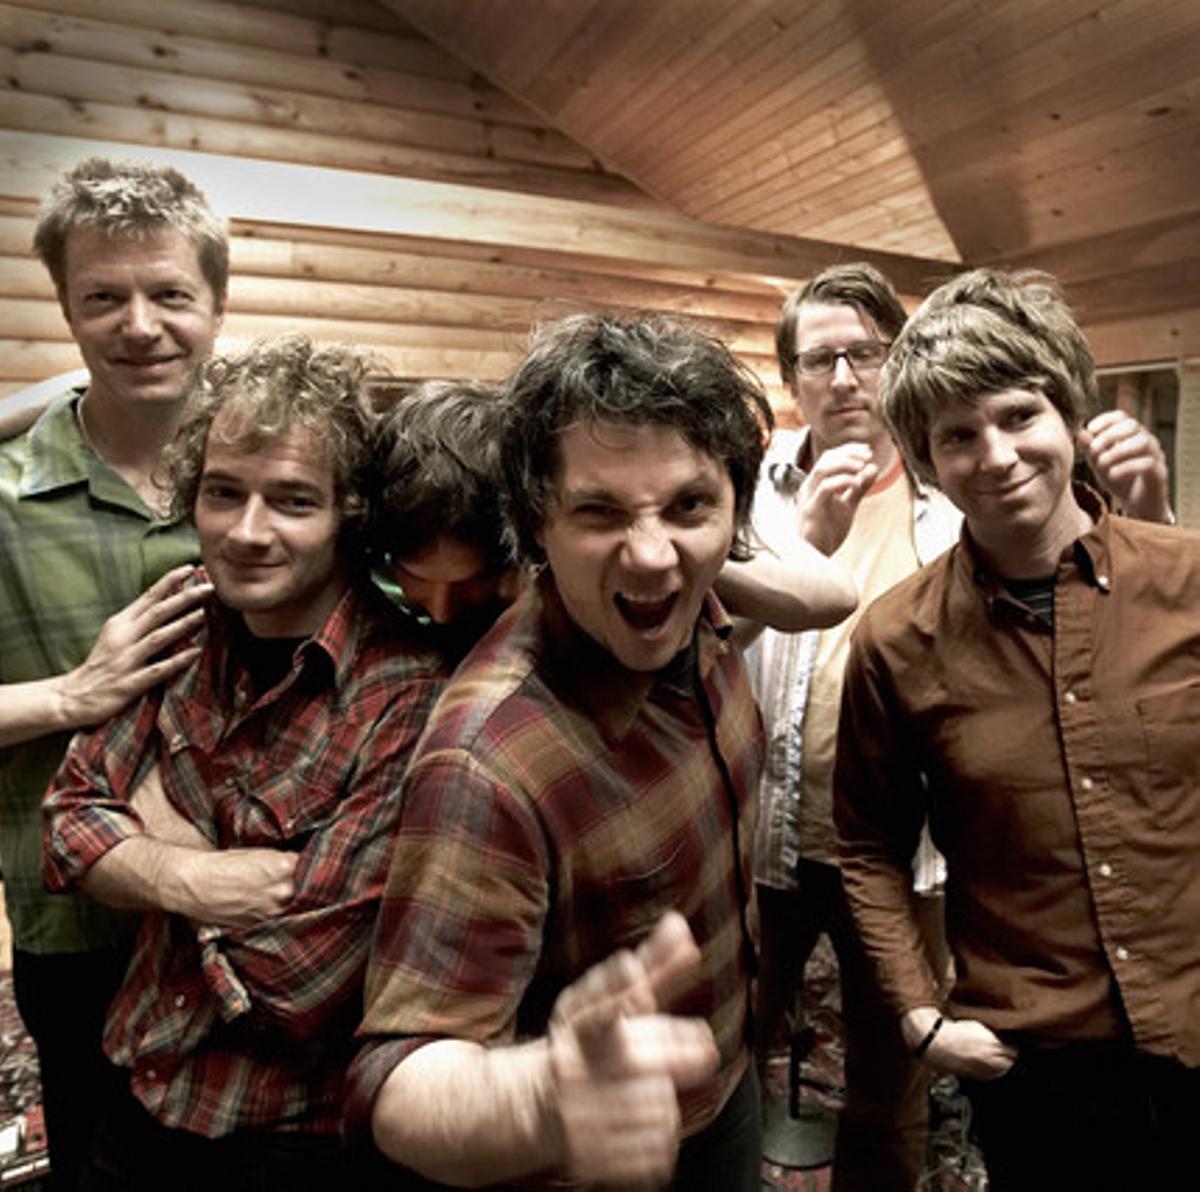 Wilco, en una imagen promocional, con Nels Cline primero por la izquierda y Jeff Tweedy en el centro.